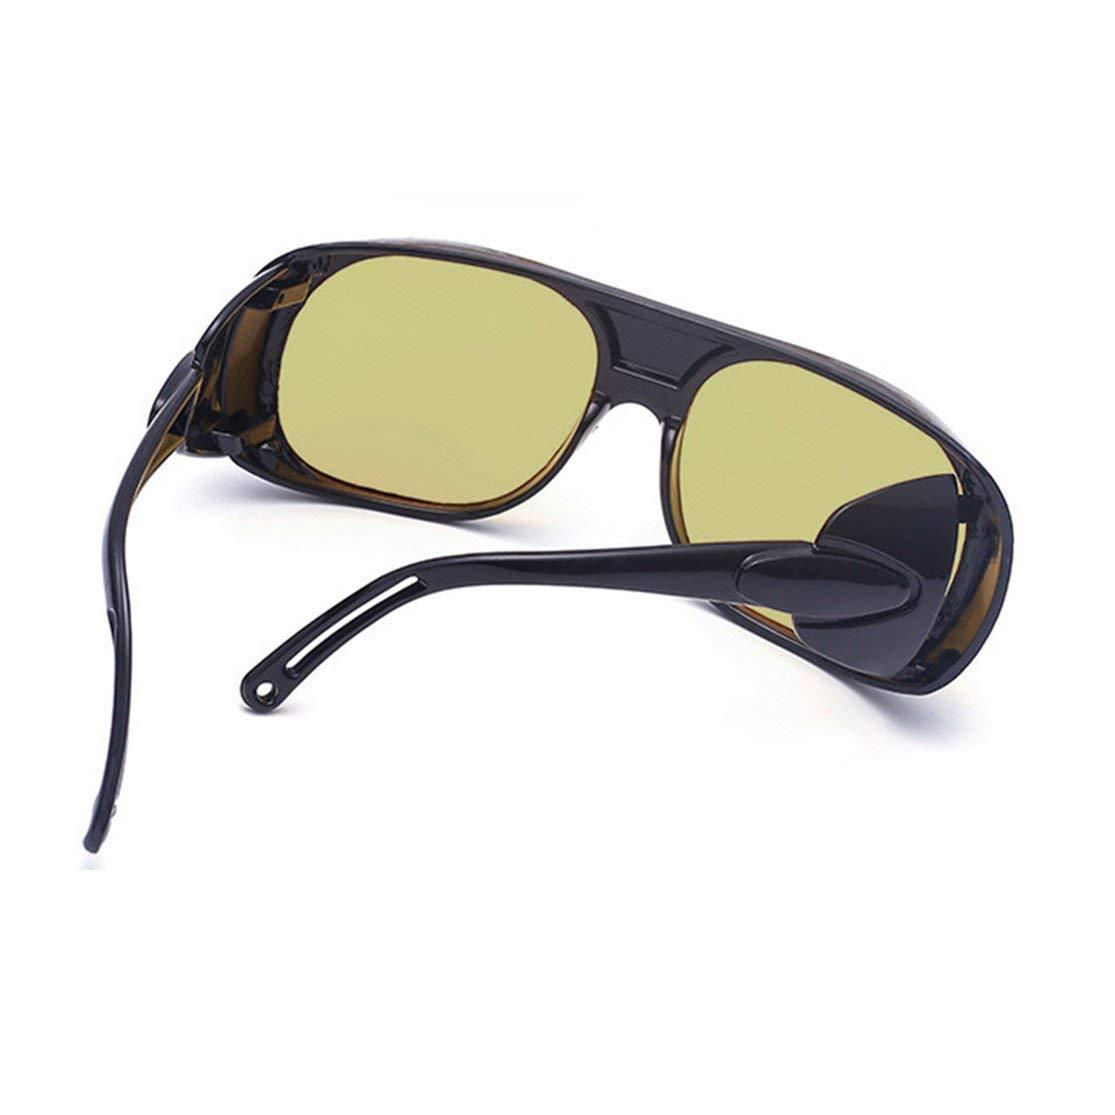 LouiseEvel215 Occhiali da Vista per la Visione Notturna delle Donne degli Uomini Occhiali antiriflesso per la Protezione degli Occhiali Anti-Vento